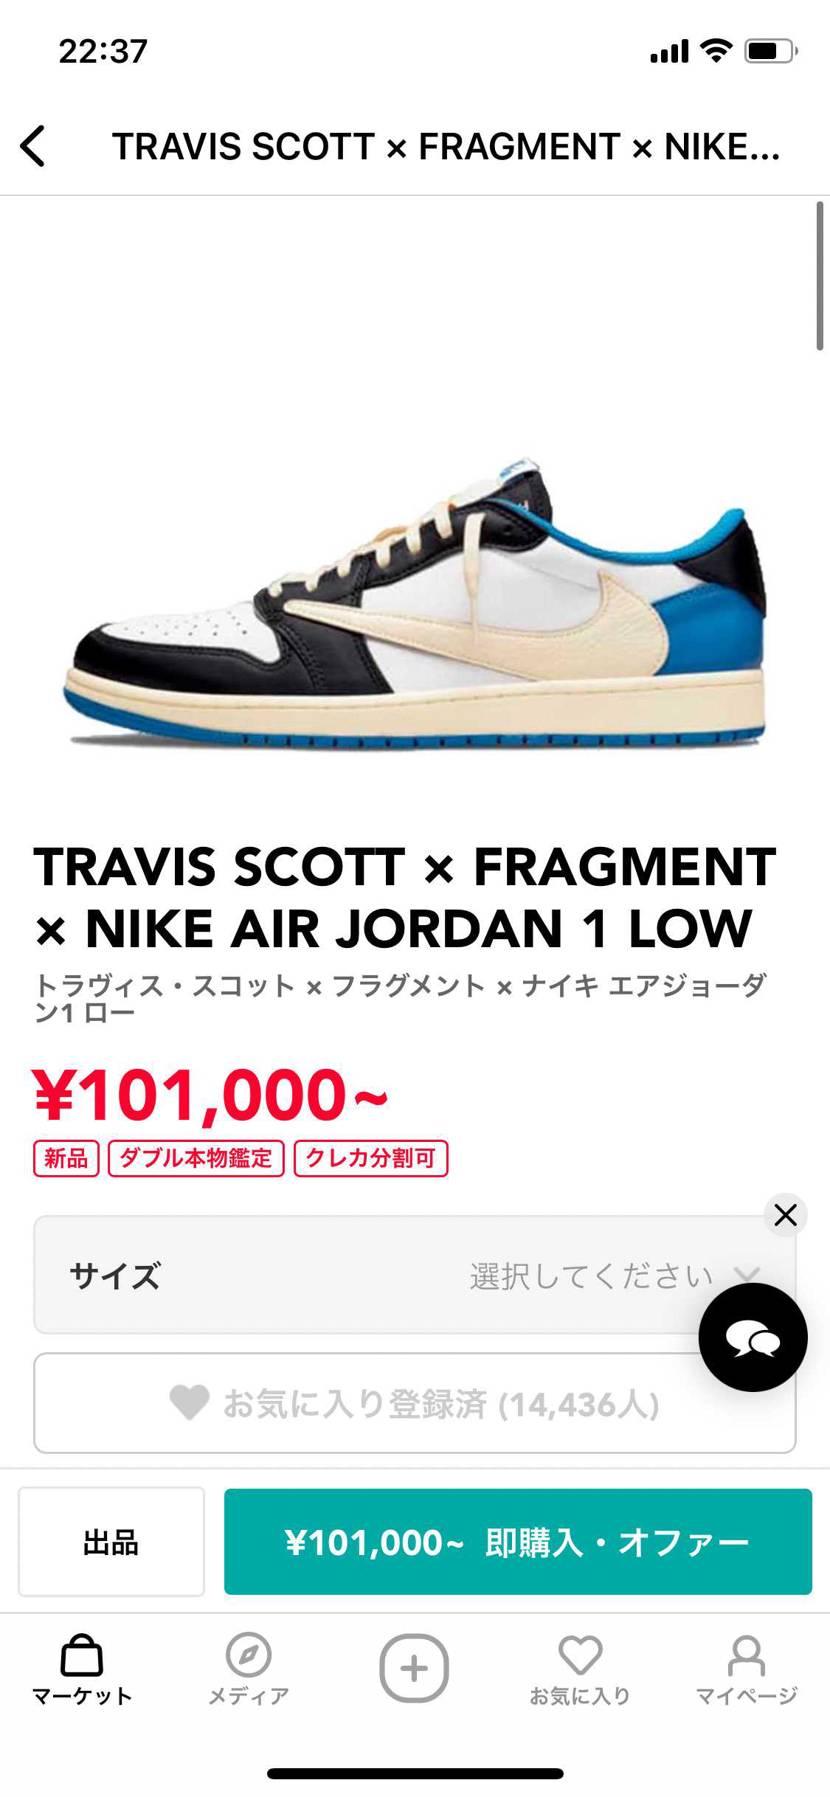 14万でなら買いたいなって思ってるけどなかなか下がらないなー